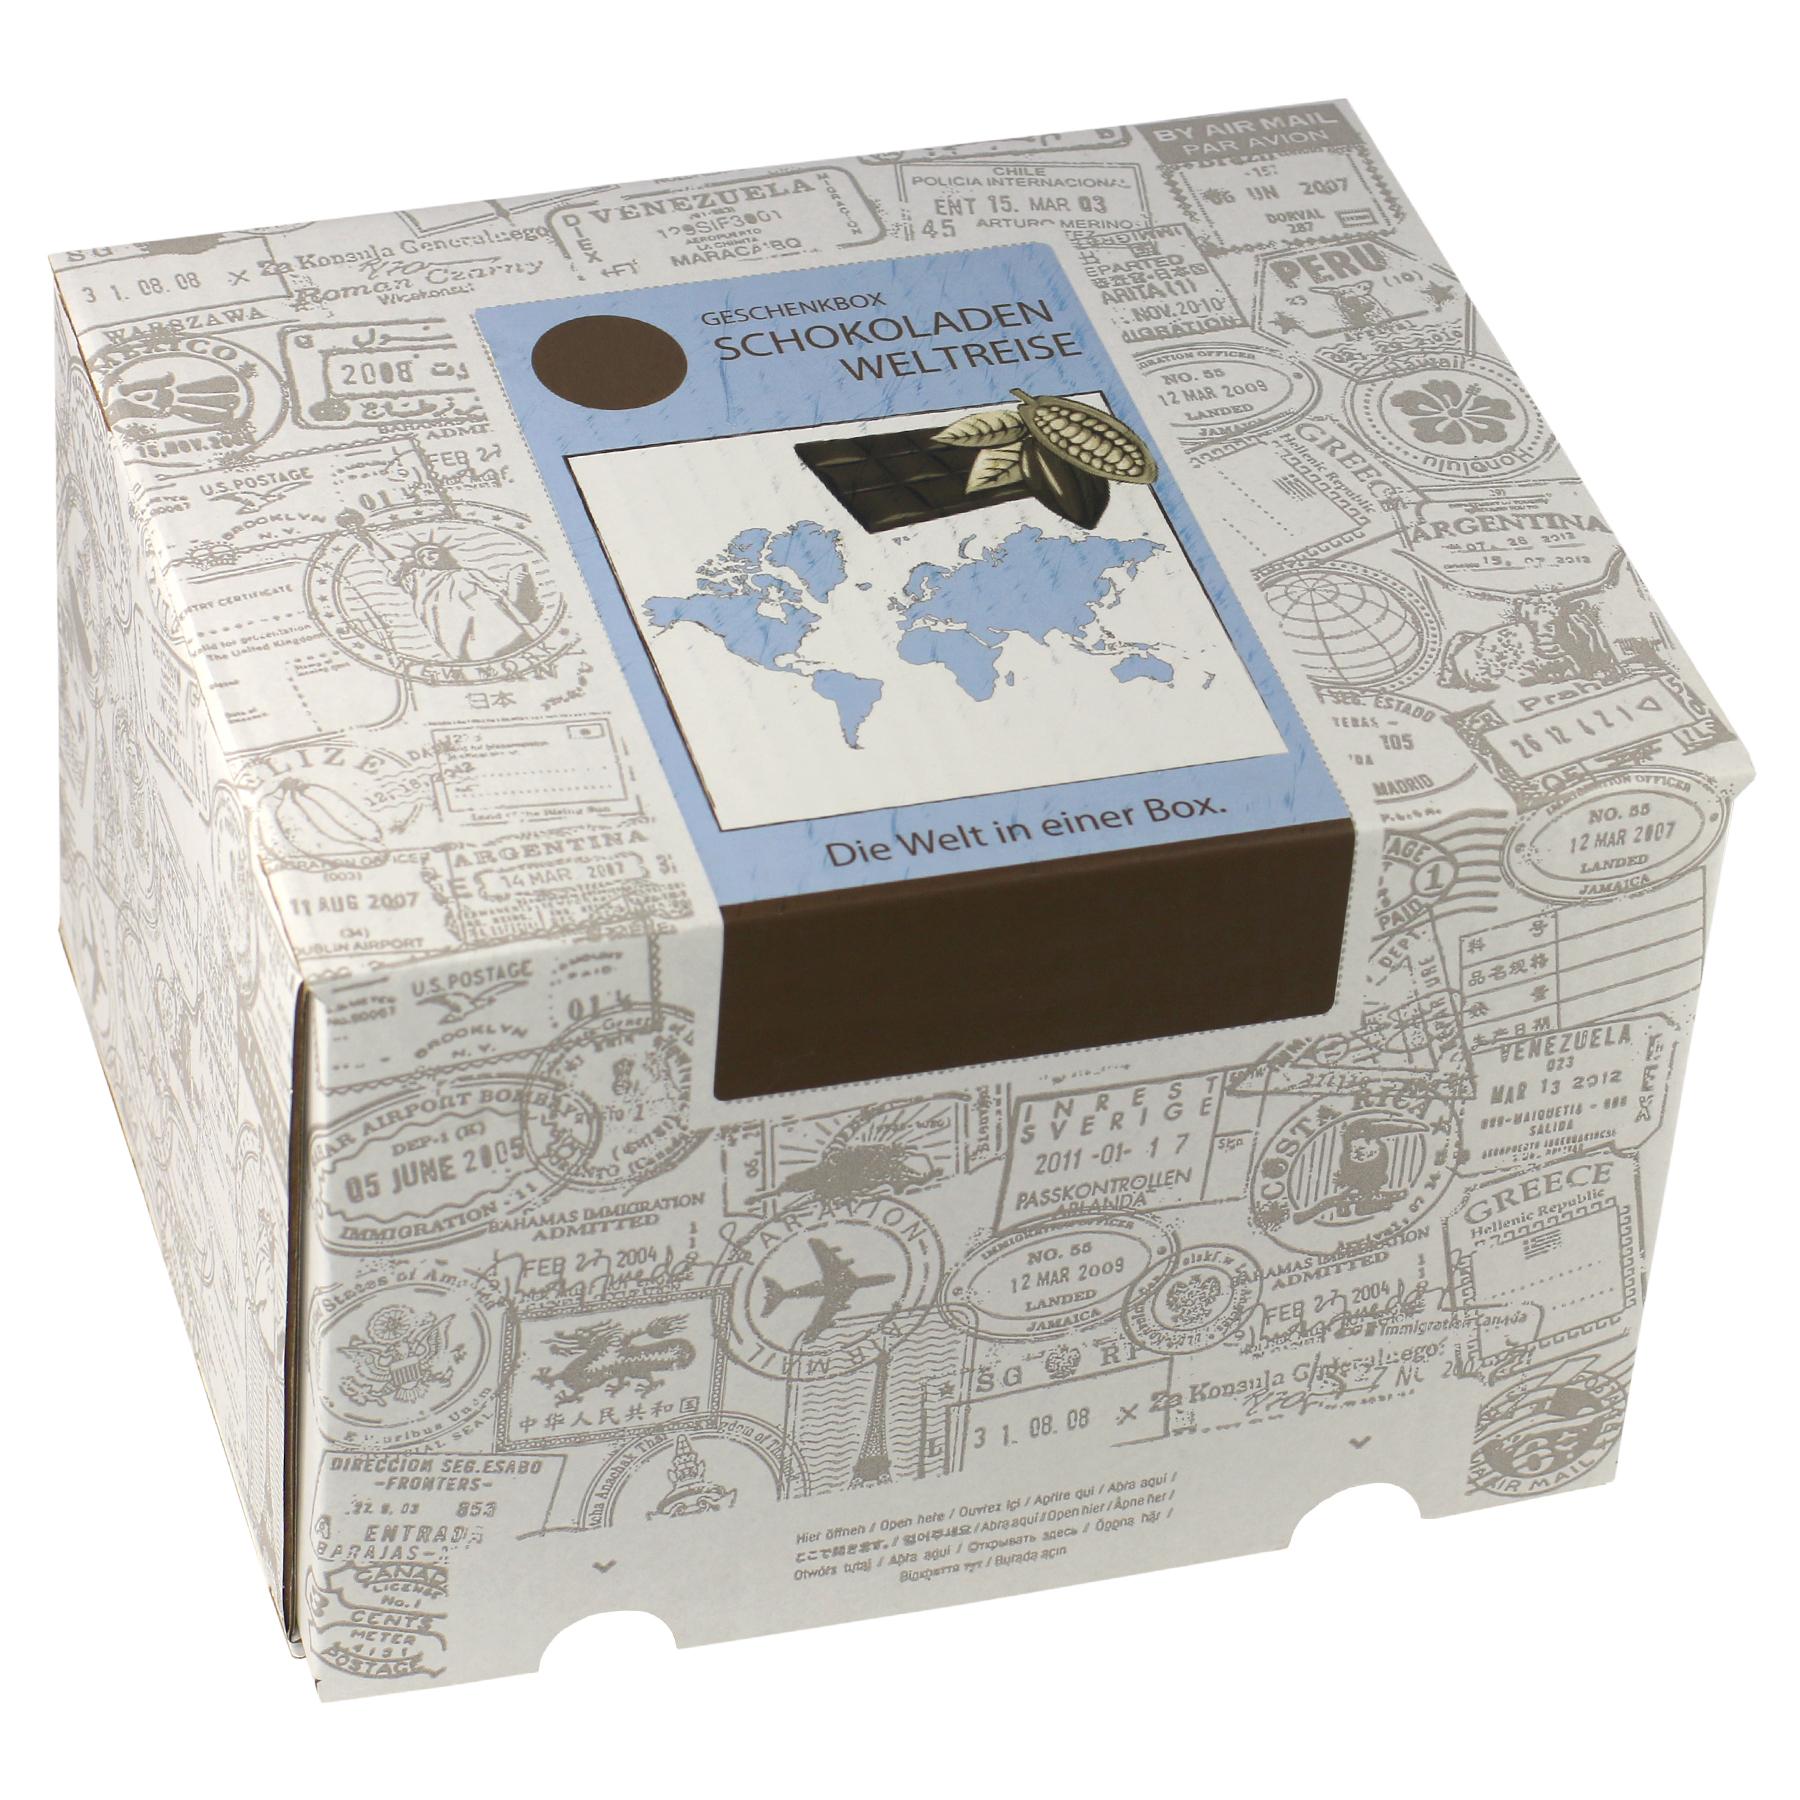 Schokoreise Geschenkbox - 2